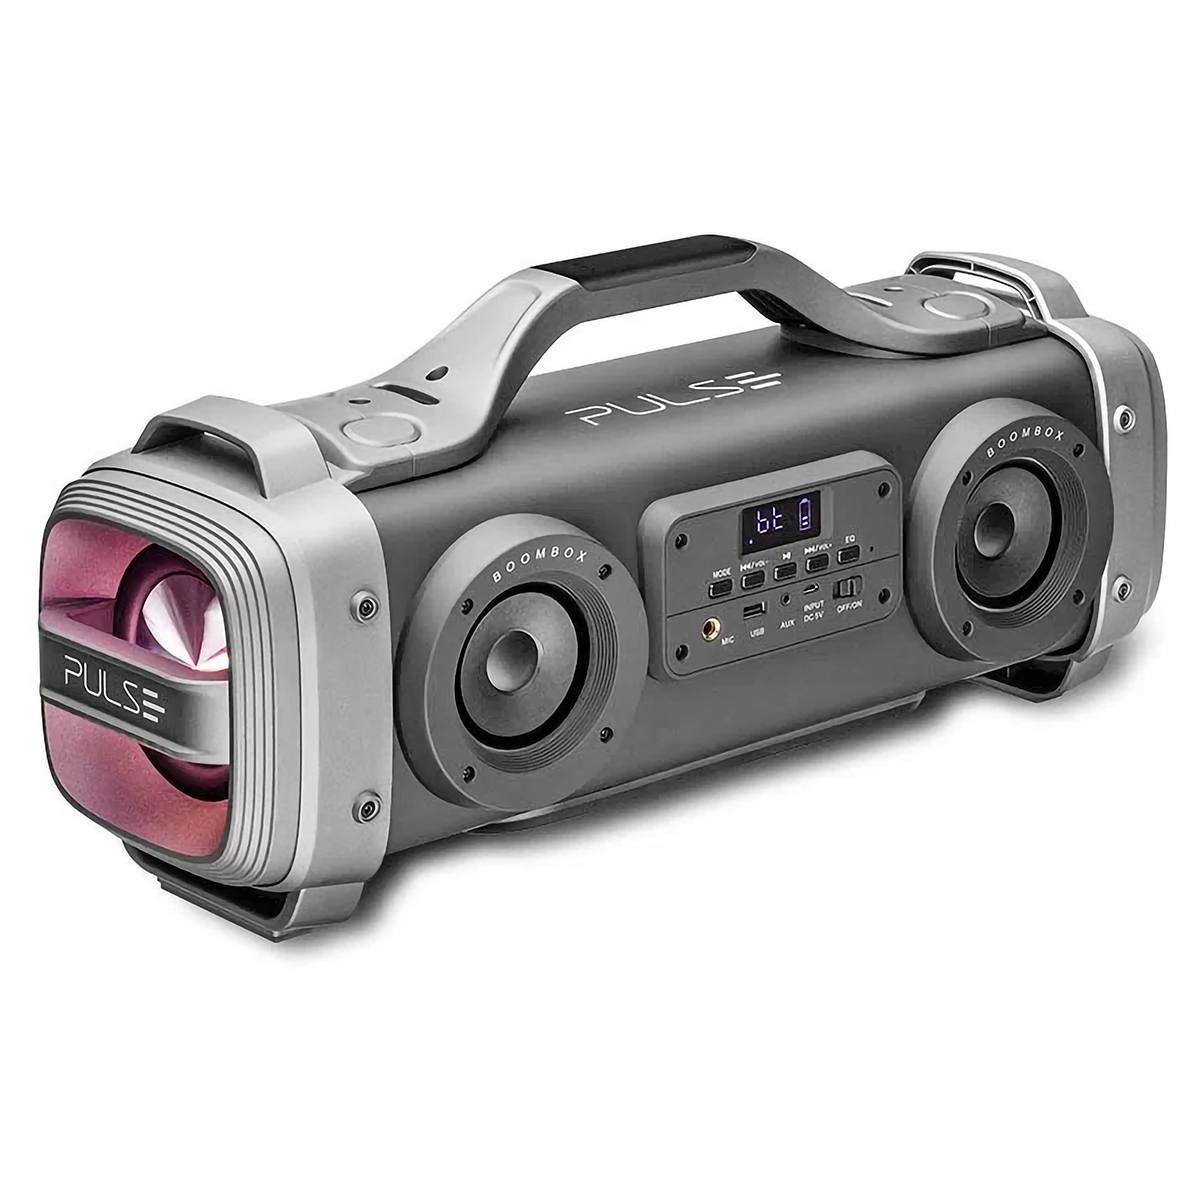 Caixa de Som Mega Boombox 440W 6 Alto-Falantes 2 Subwoofers e Radiadores Passivos Portátil Bluetooth Pulse SP363